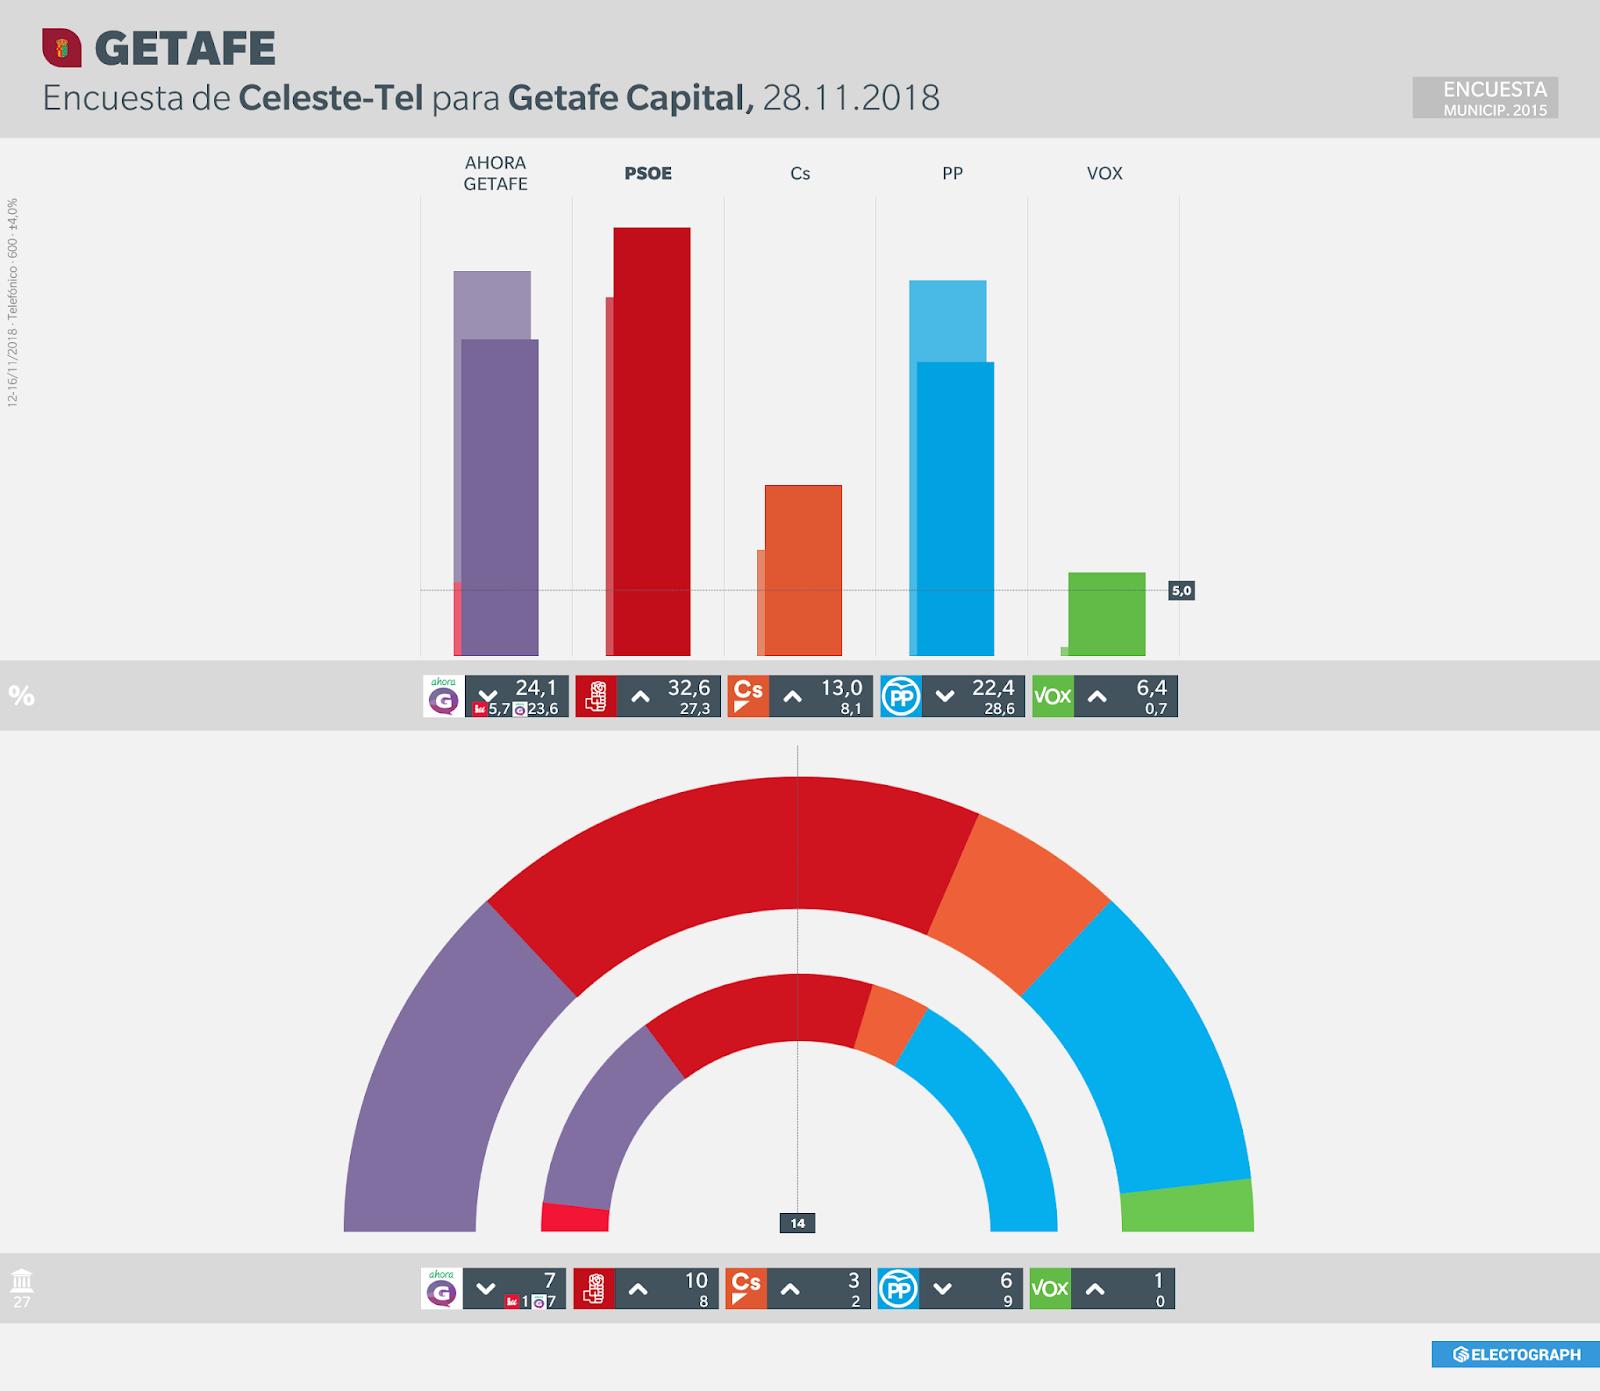 Gráfico de la encuesta para elecciones municipales en Getafe realizada por Celeste-Tel para Getafe Capital ta en noviembre de 2018